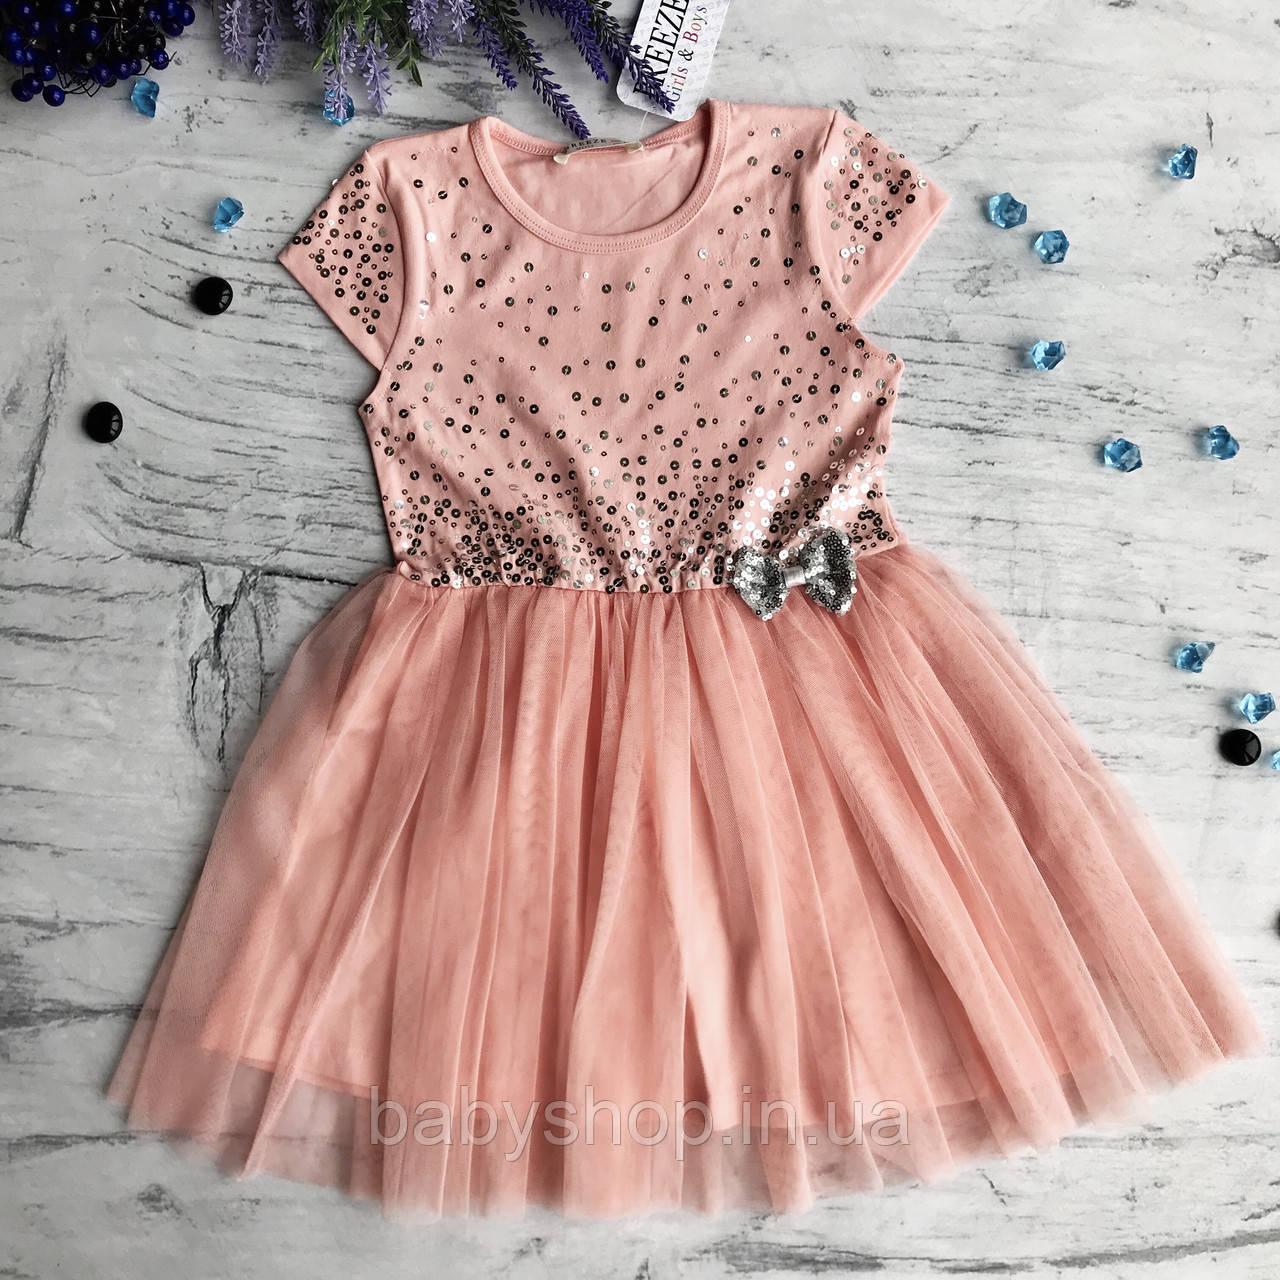 Летнее платье Breeze 126. Размеры 110 см, 116 см, 128 см, 134 см, 140 см